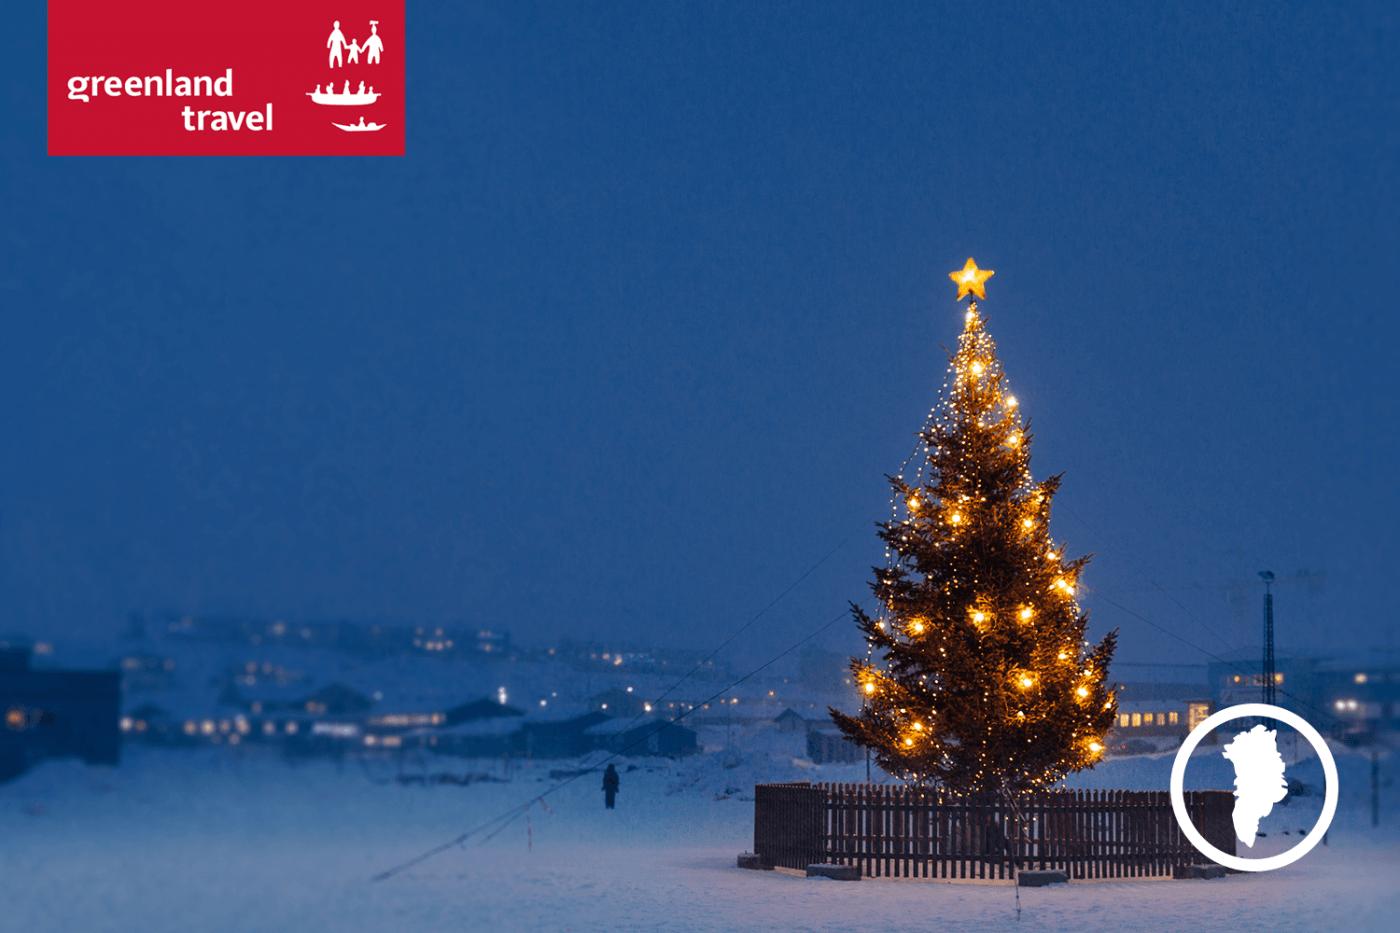 Weihnachtsbaum in Groenland, bei Mads Pihl